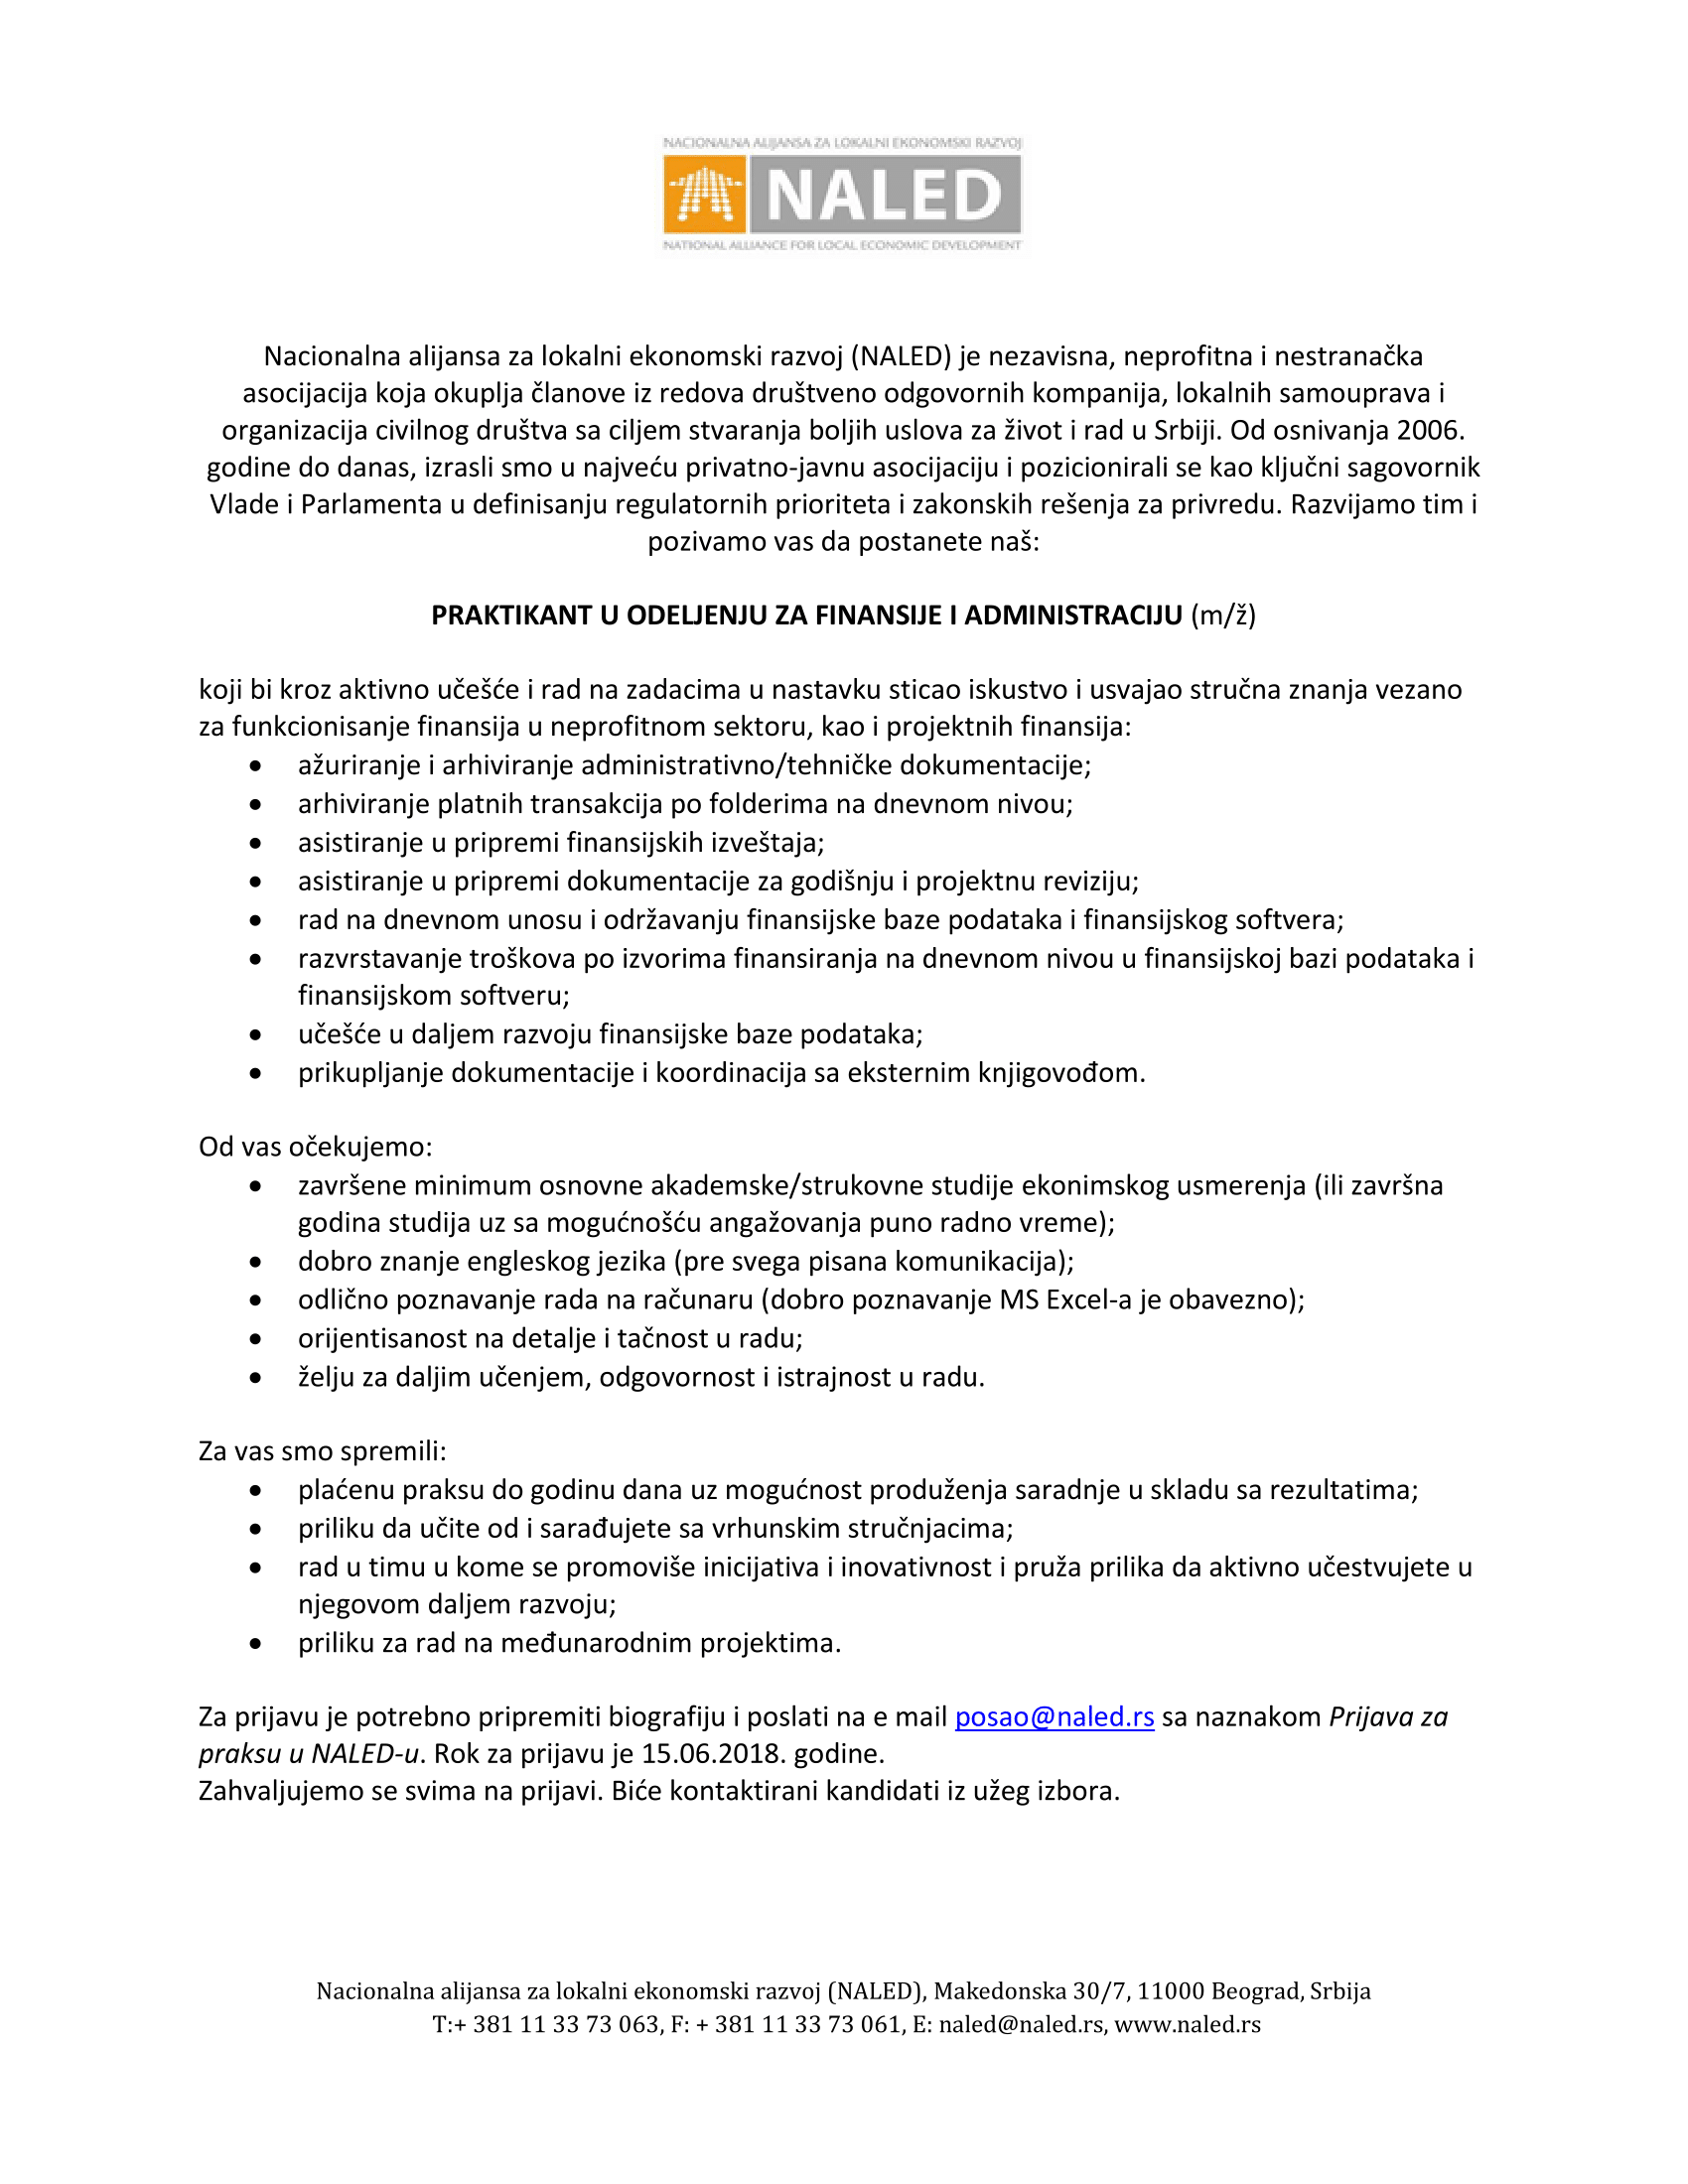 Praktikant u Odeljenju finansija i administracije_poziv za prijavu-1